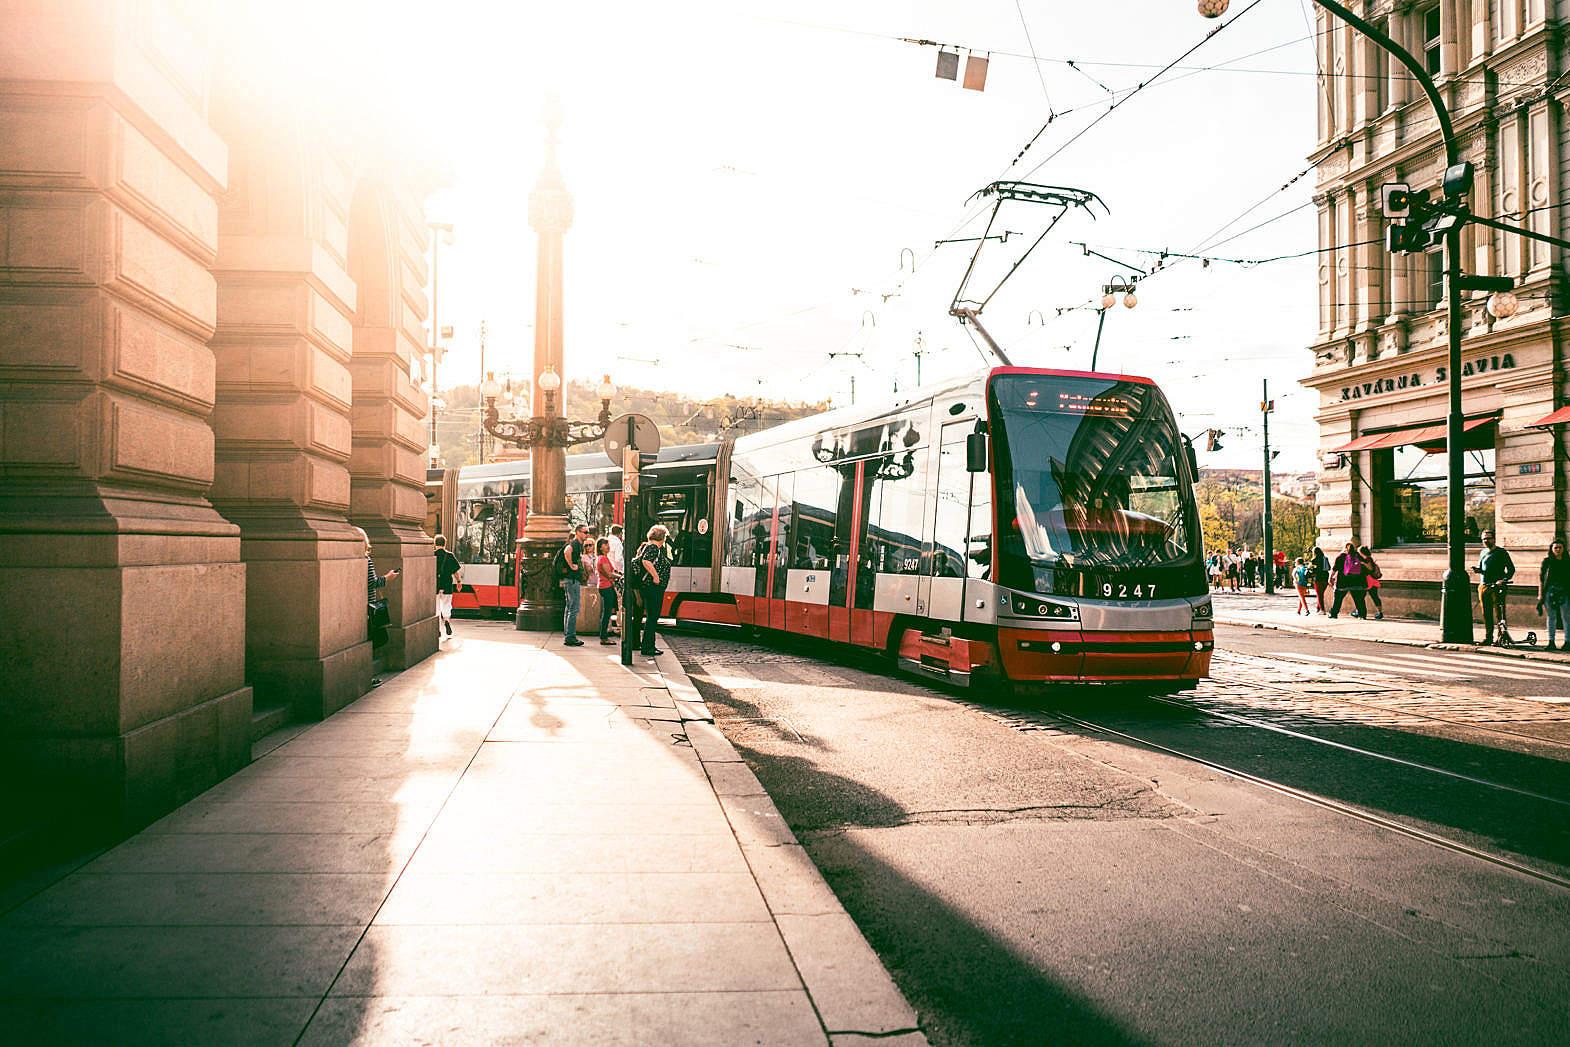 城市,建筑,光,公共交通,公交车,人,线路,城铁,BRT 城市建筑-第1张